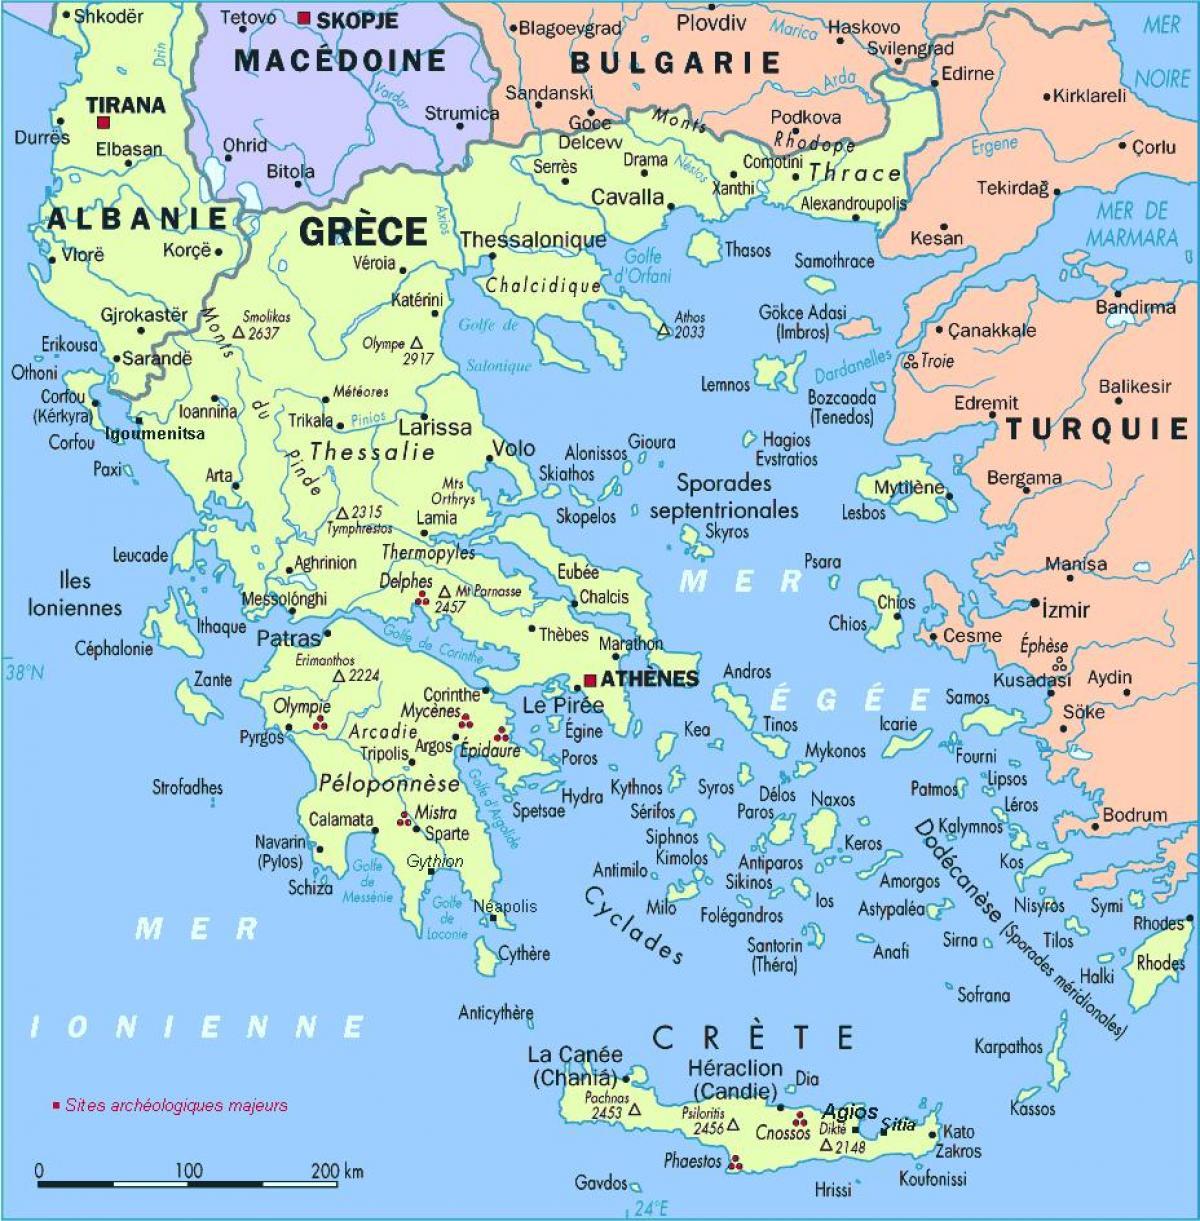 Cartina Della Grecia Con Isole.Grecia Isole Sulla Mappa Mappa Della Grecia Con Isole Europa Del Sud Europa